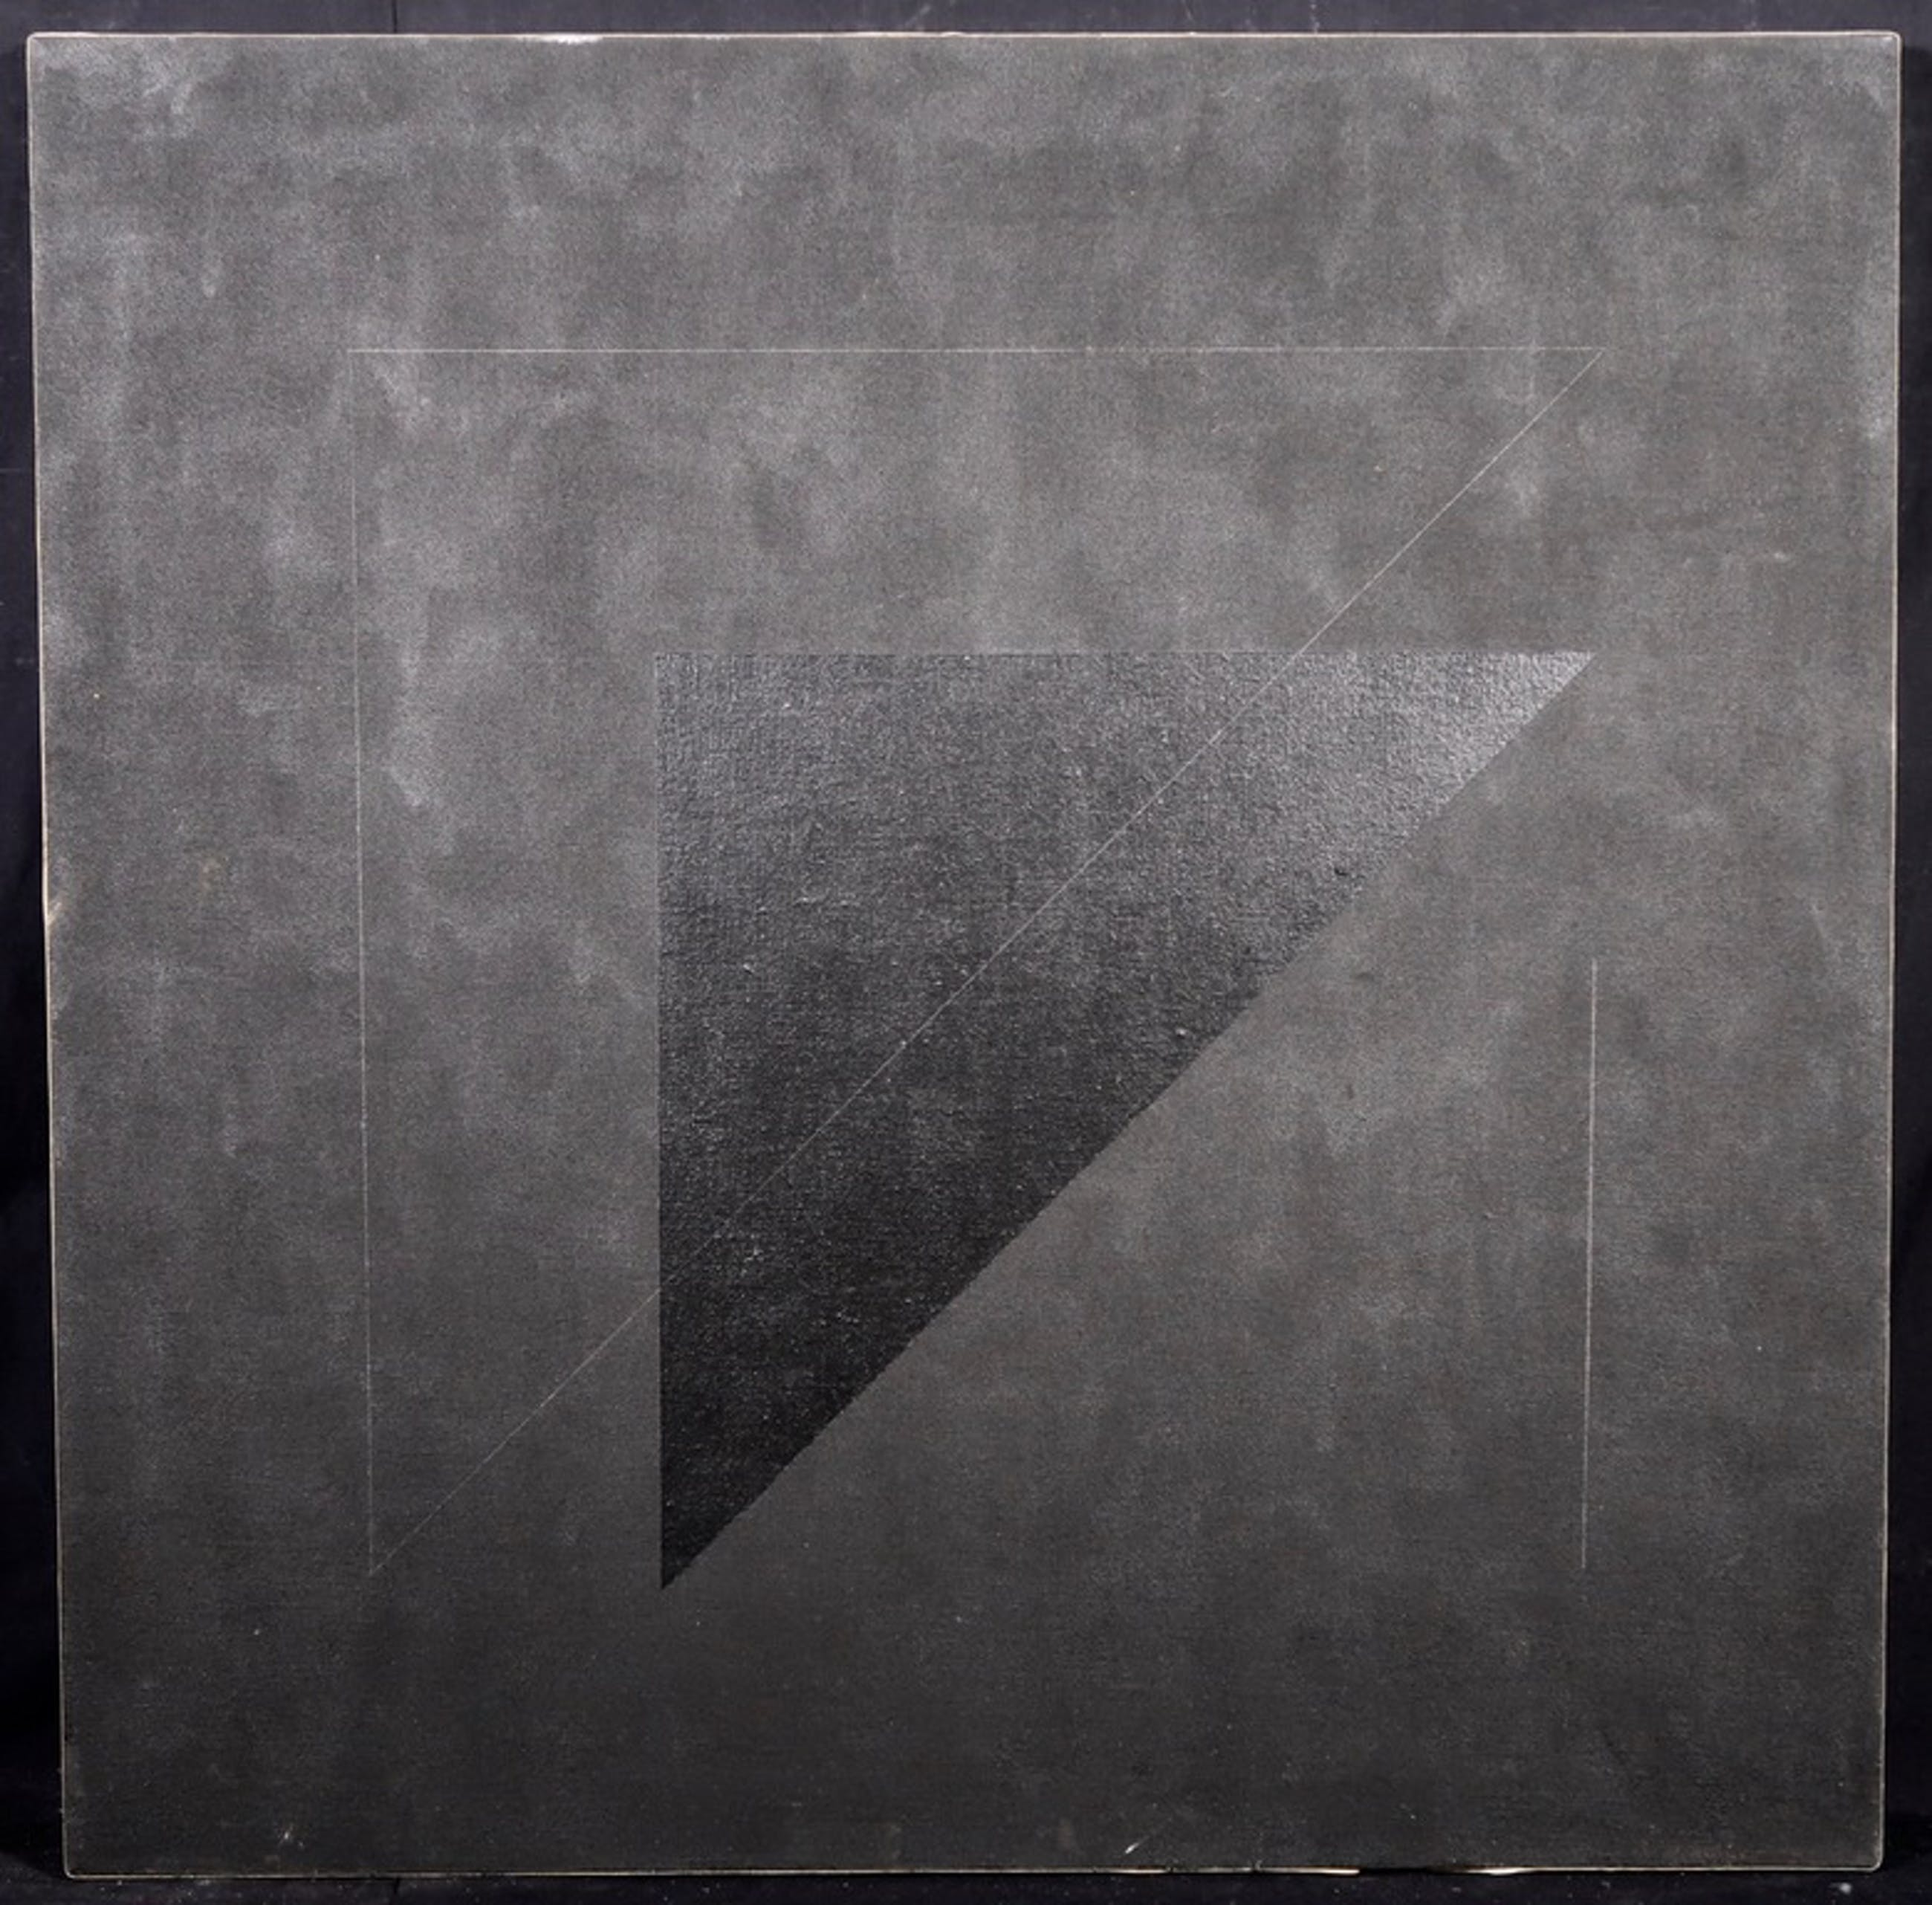 Ellen Banks: Acryl op doek, Z.T. Abstracte compositie in zwart kopen? Bied vanaf 150!